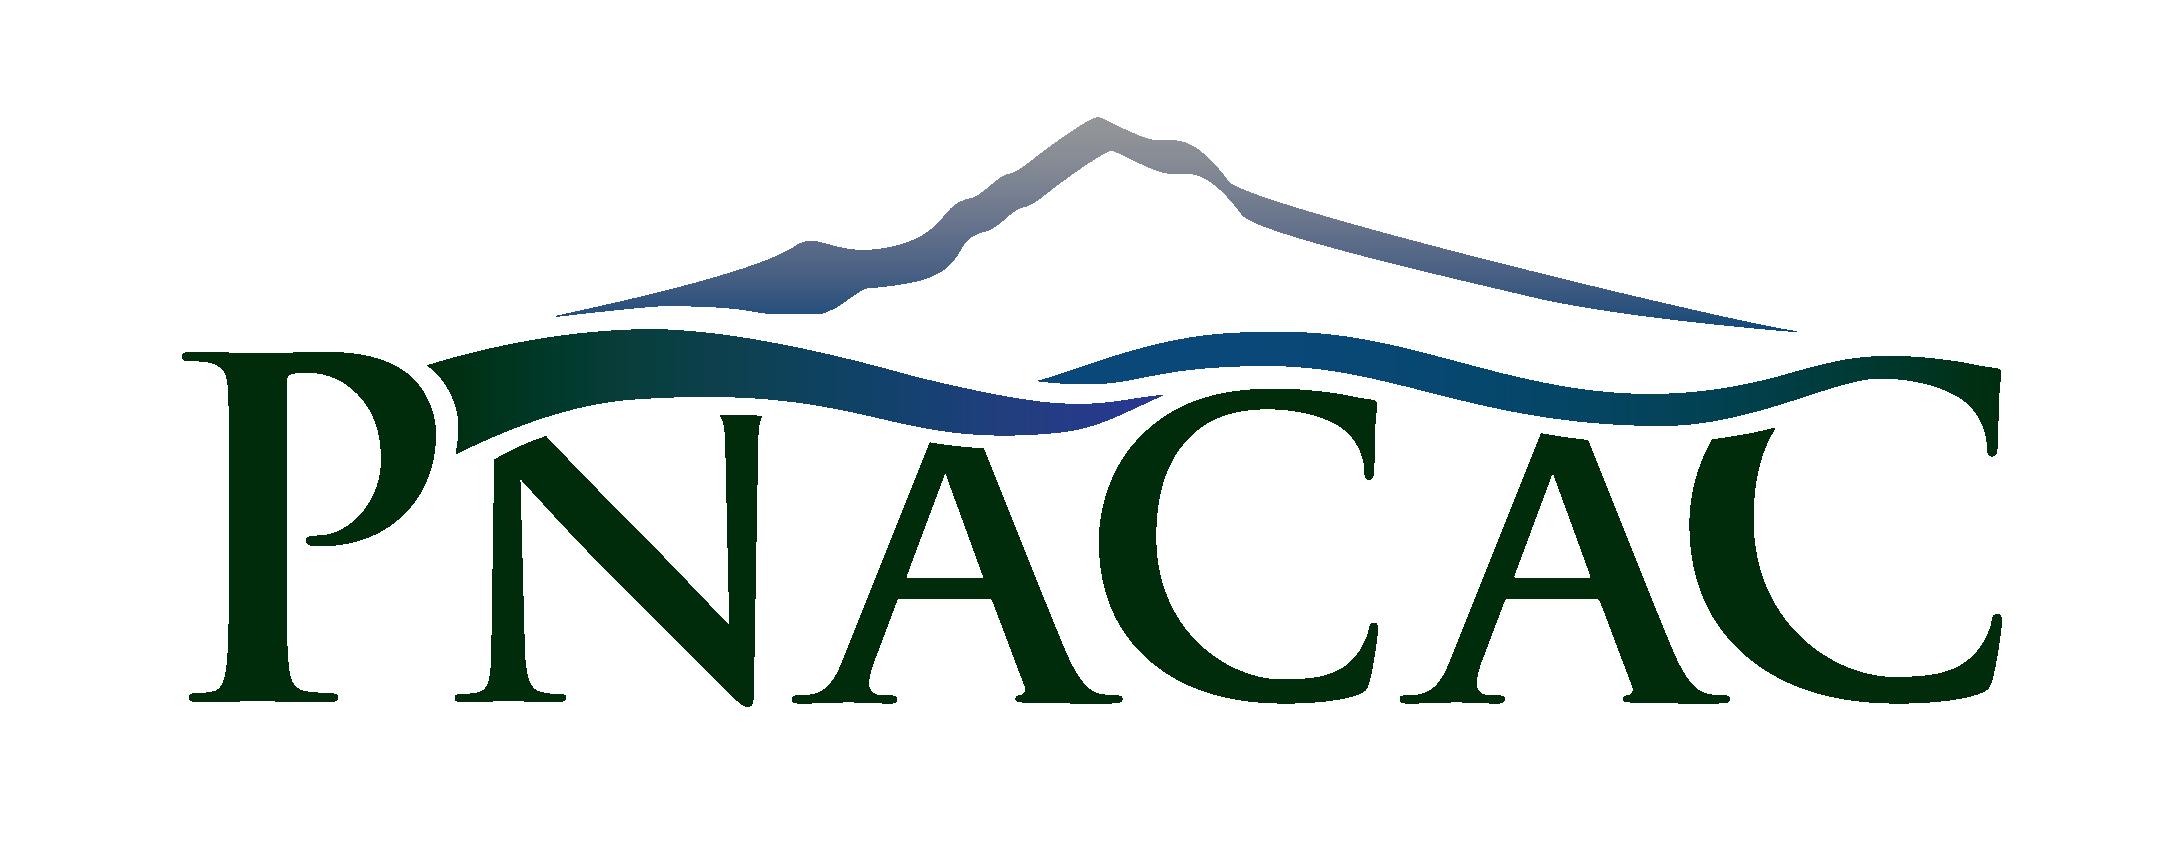 pnacac-logo-link